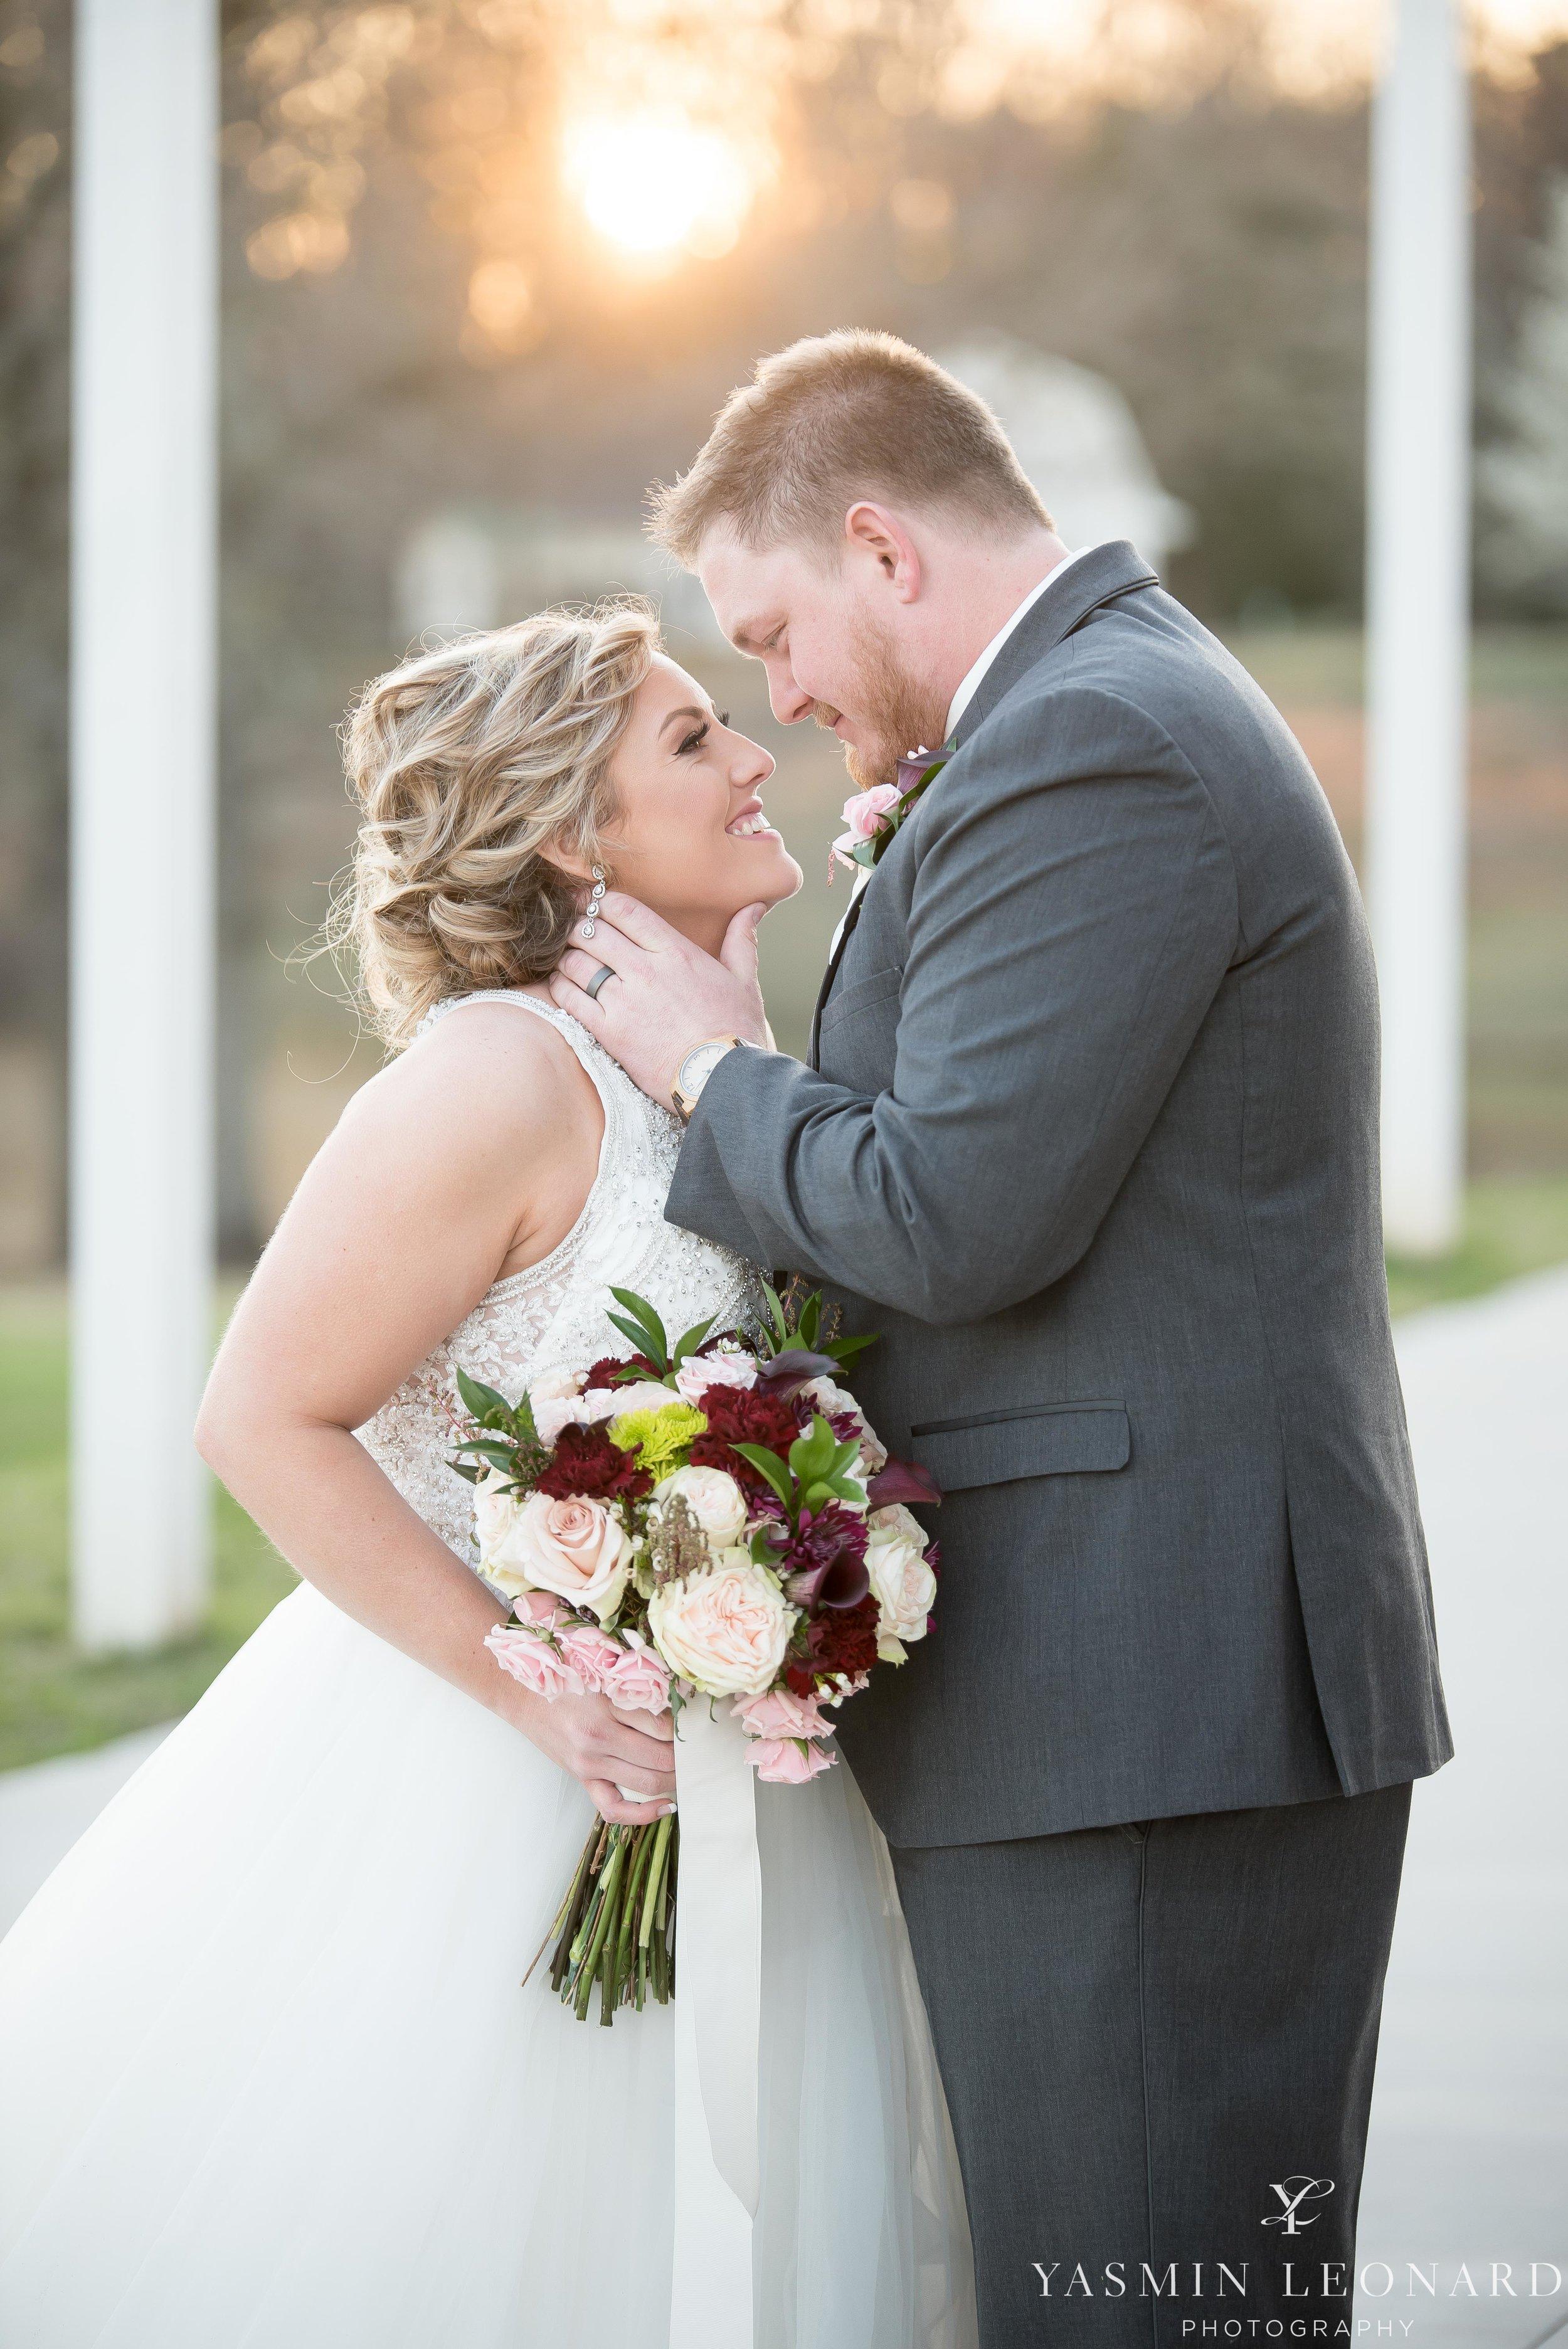 Millikan Farms - Millikan Farms Wedding - Sophia NC Wedding - NC Wedding - NC Wedding Photographer - Yasmin Leonard Photography - High Point Photographer - Barn Wedding - Wedding Venues in NC - Triad Wedding Photographer-62.jpg